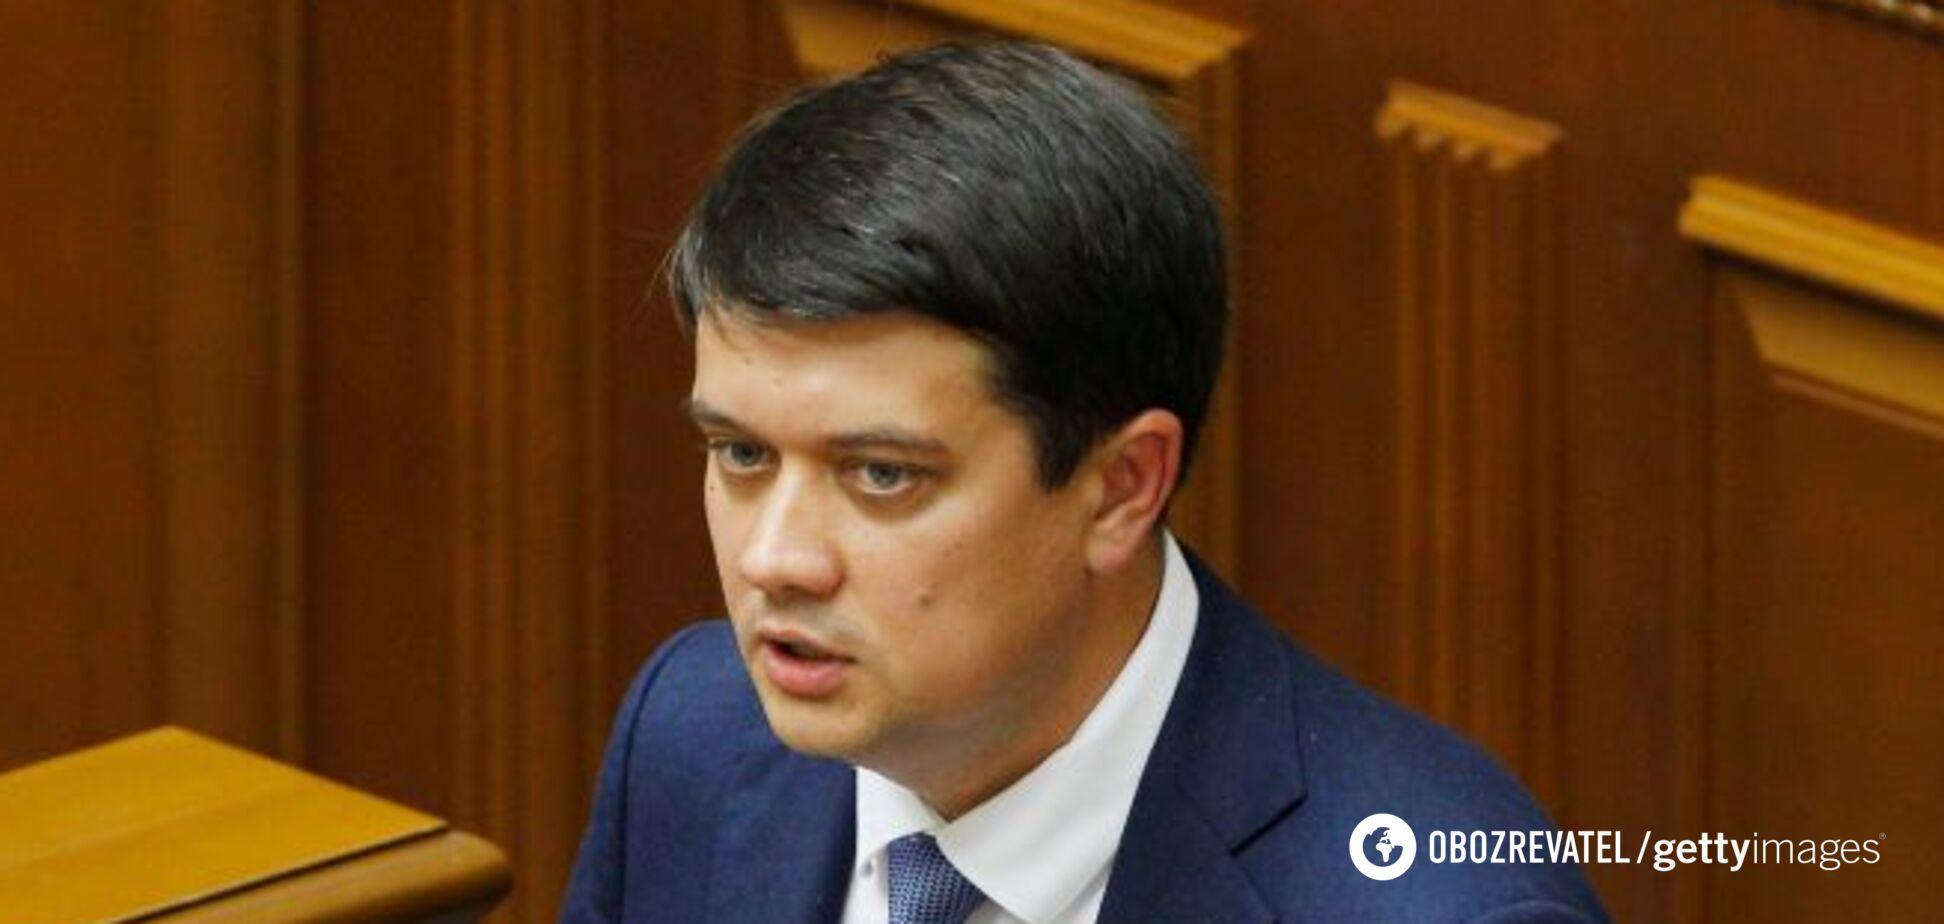 'Единый народ': Разумков поставил на место политика Путина, угрожавшего Украине